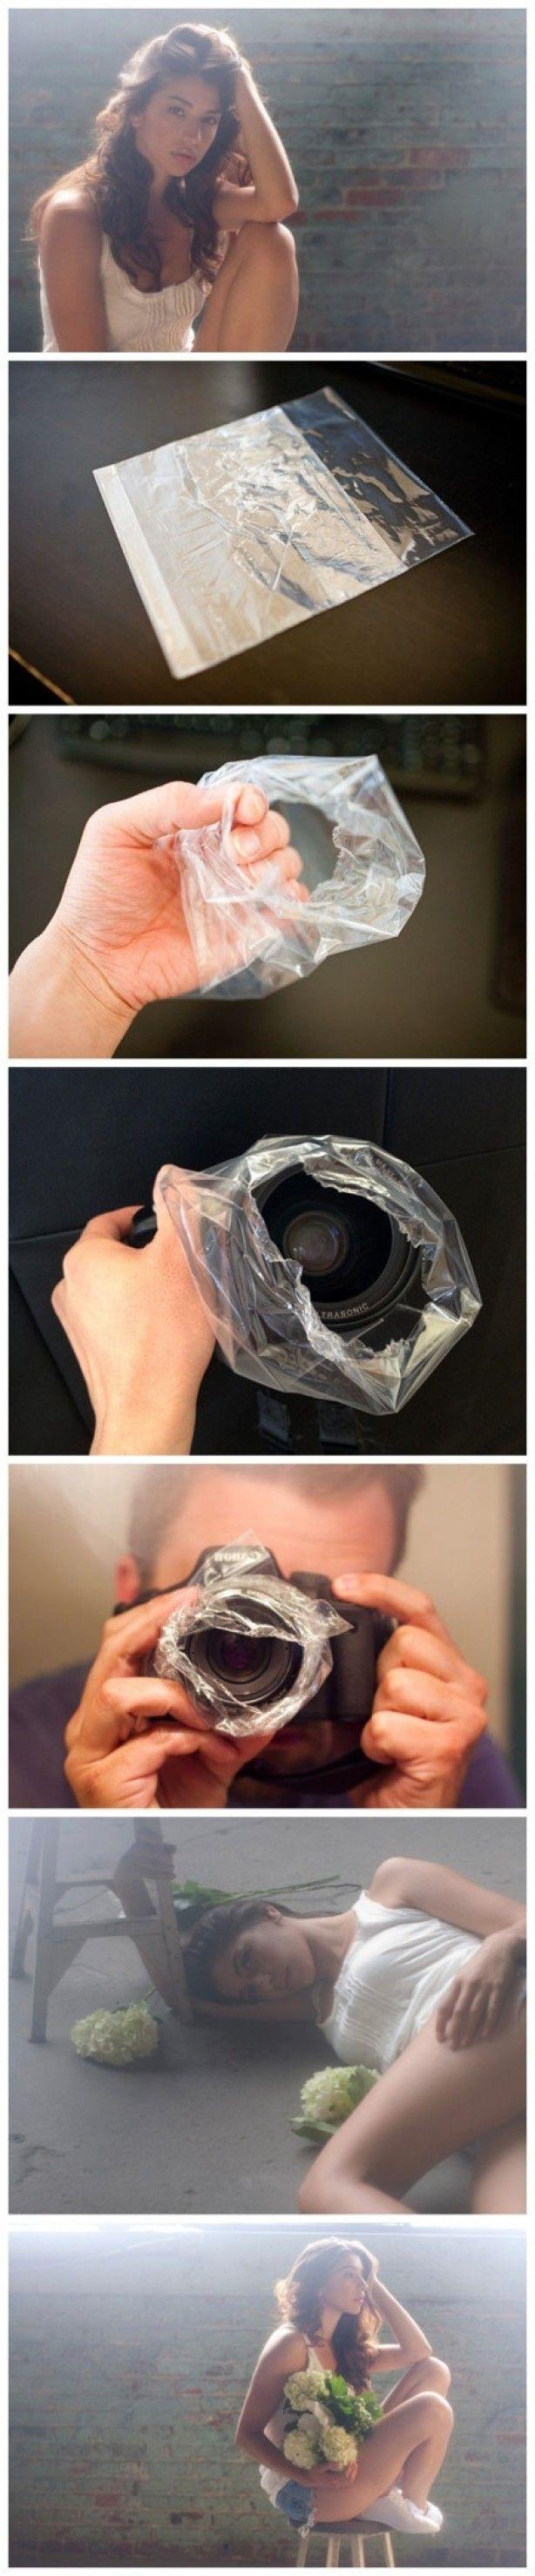 Plastic over lens